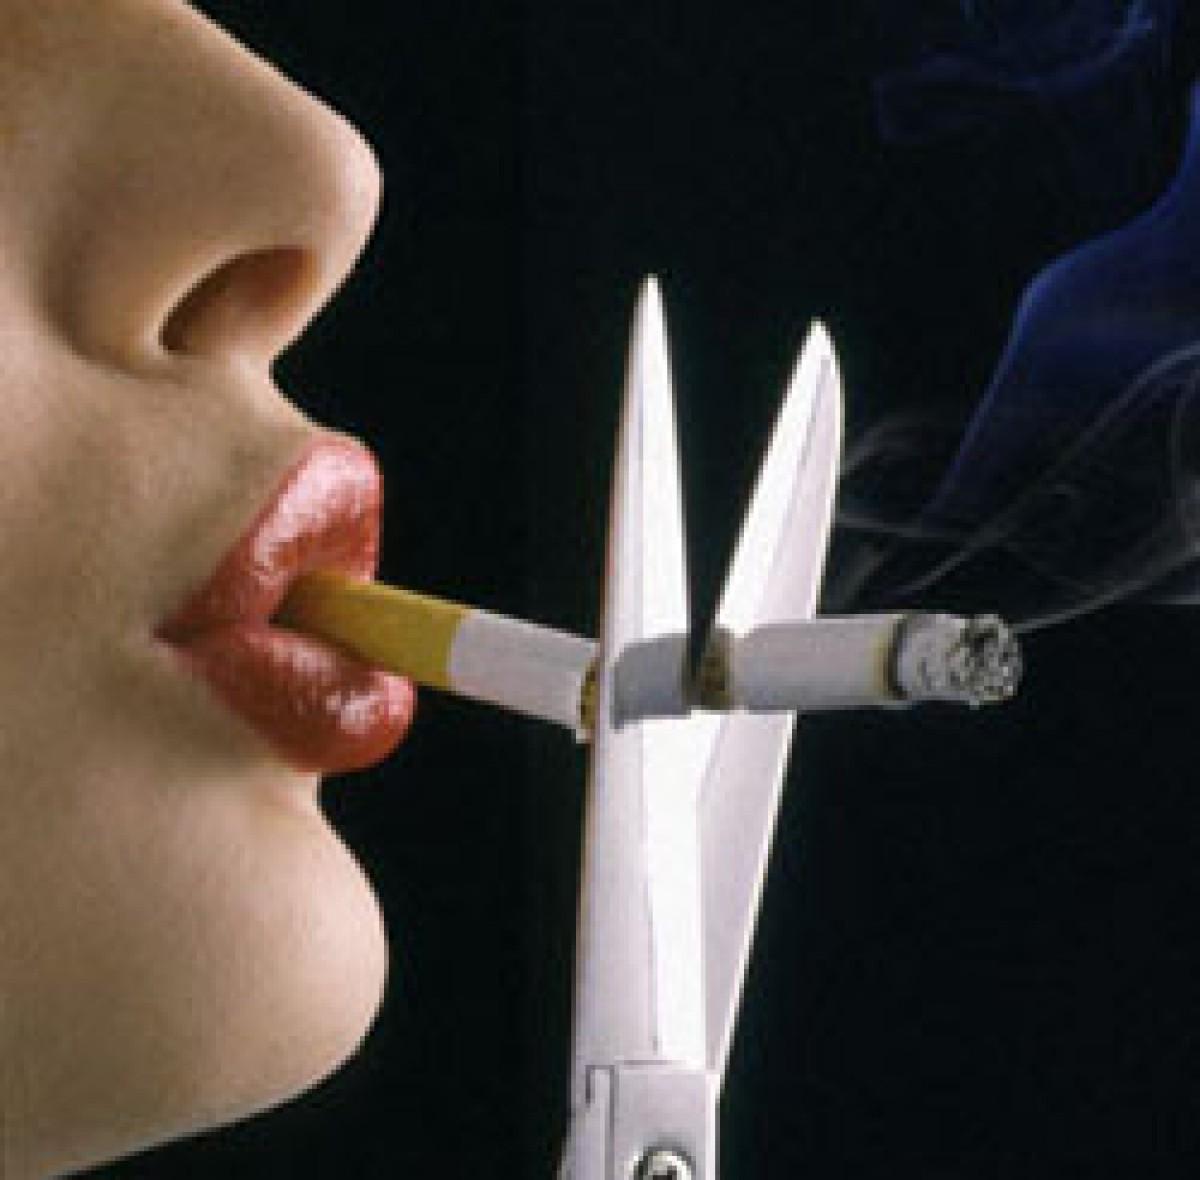 Καπνίζουσες Ελληνίδες Μαμάδες, κόβουμε το τσιγάρο;